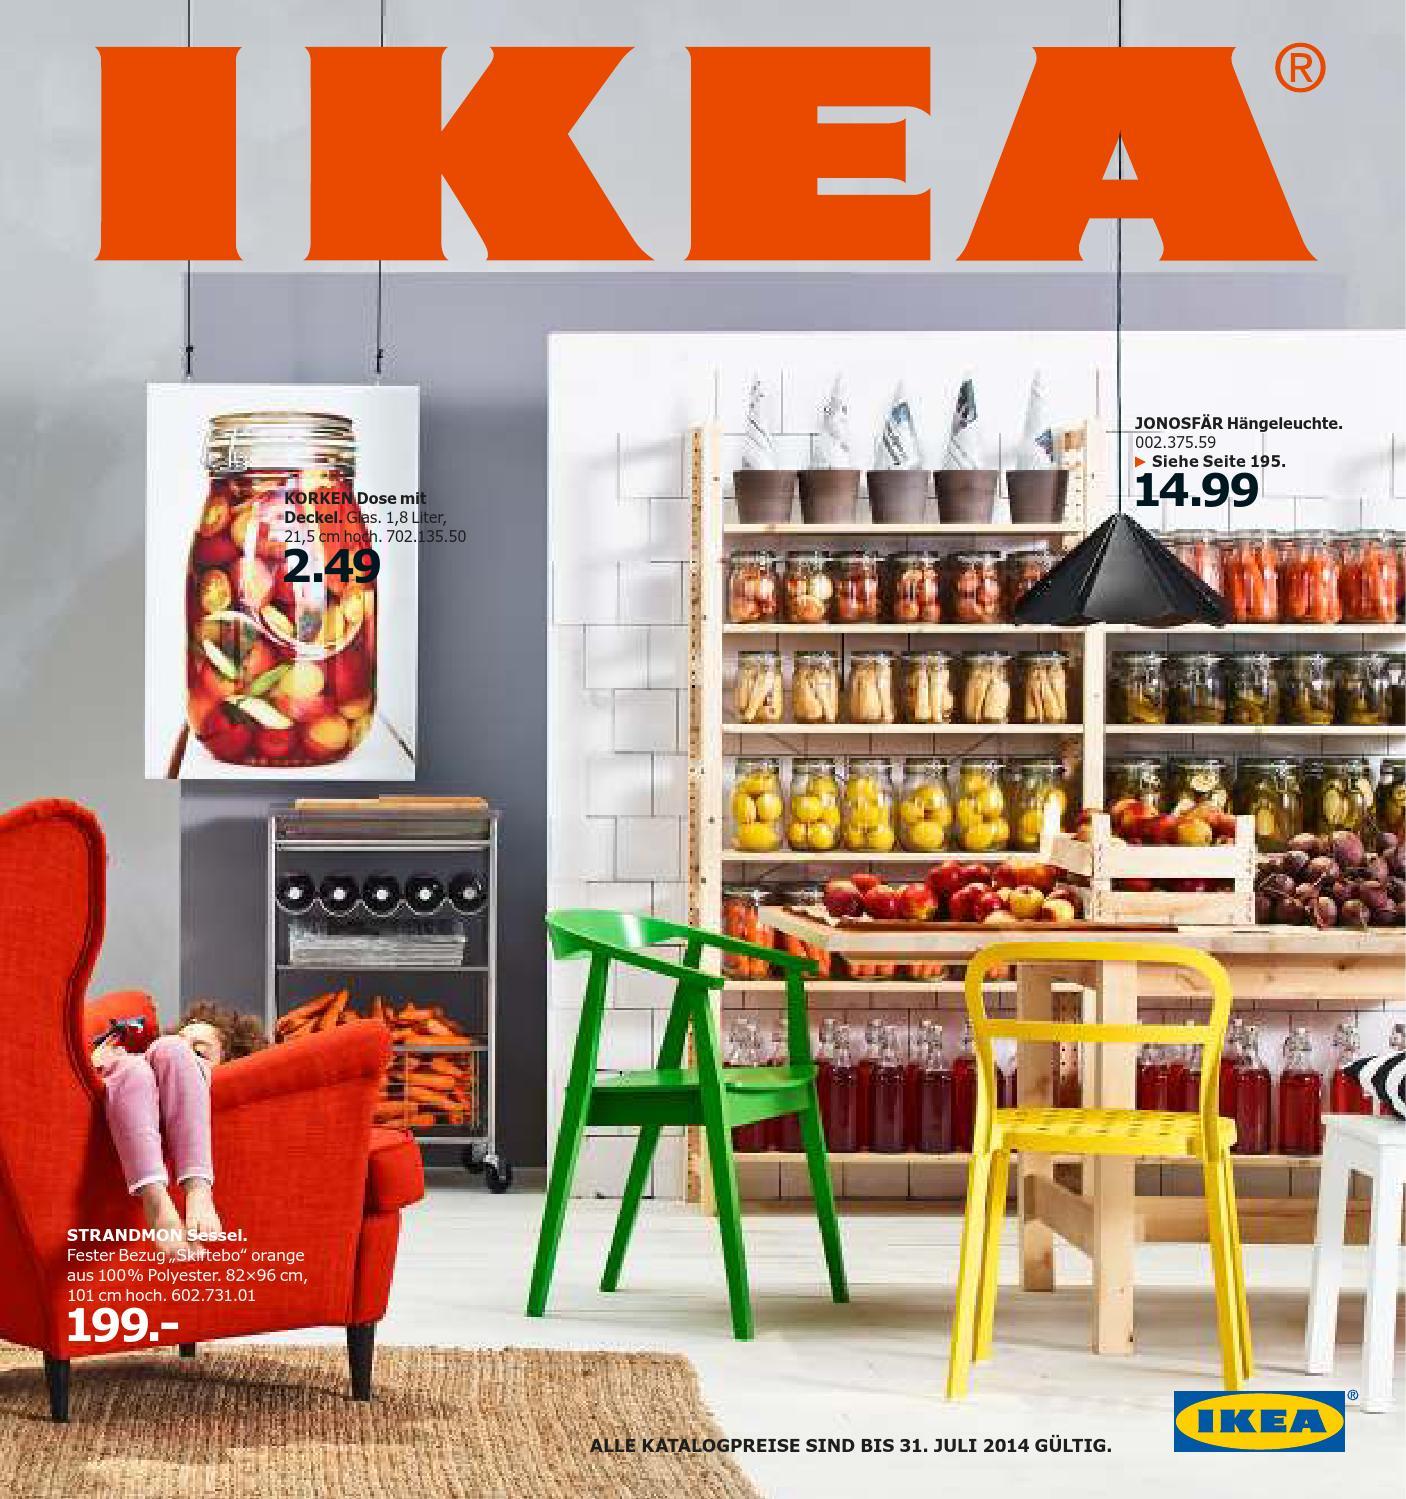 Full Size of Ikea Deutschland Katalog 2013 2014 By Promoprospektede Küche Kosten Miniküche Modulküche Sofa Mit Schlaffunktion Kaufen Betten Bei Stengel Wohnzimmer Ikea Värde Miniküche